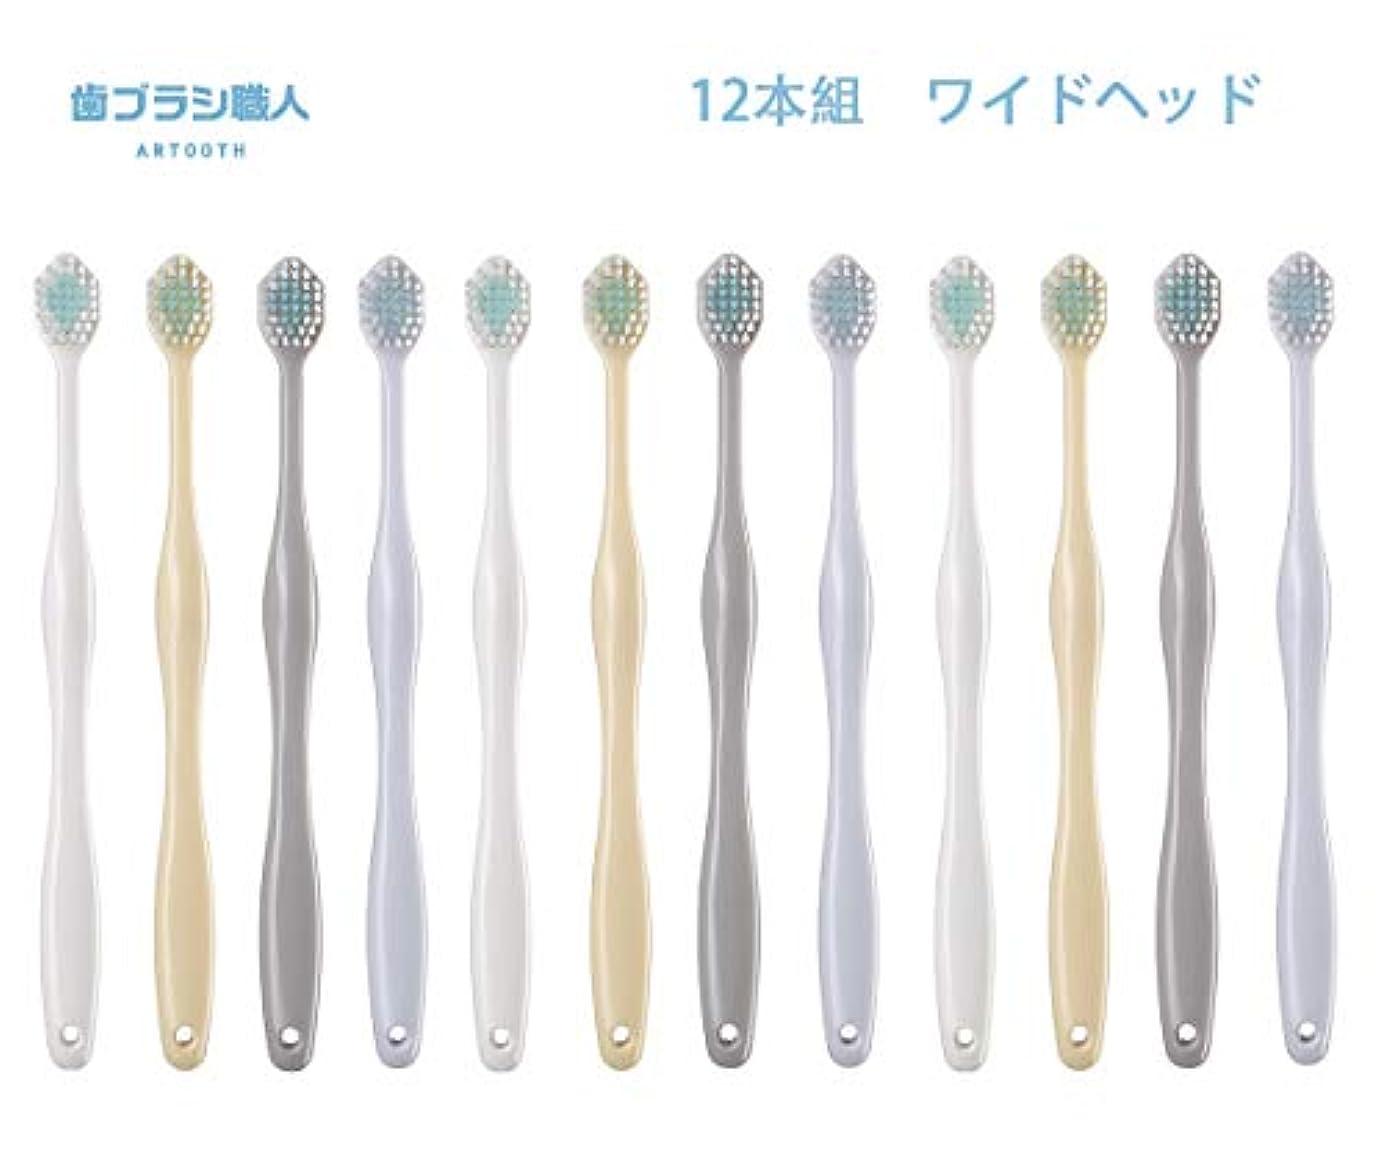 収益胚記念歯ブラシ職人Artooth ® 田辺重吉 磨きやすい歯ブラシ ワイド 6列レギュラー AT-30 (12本組)